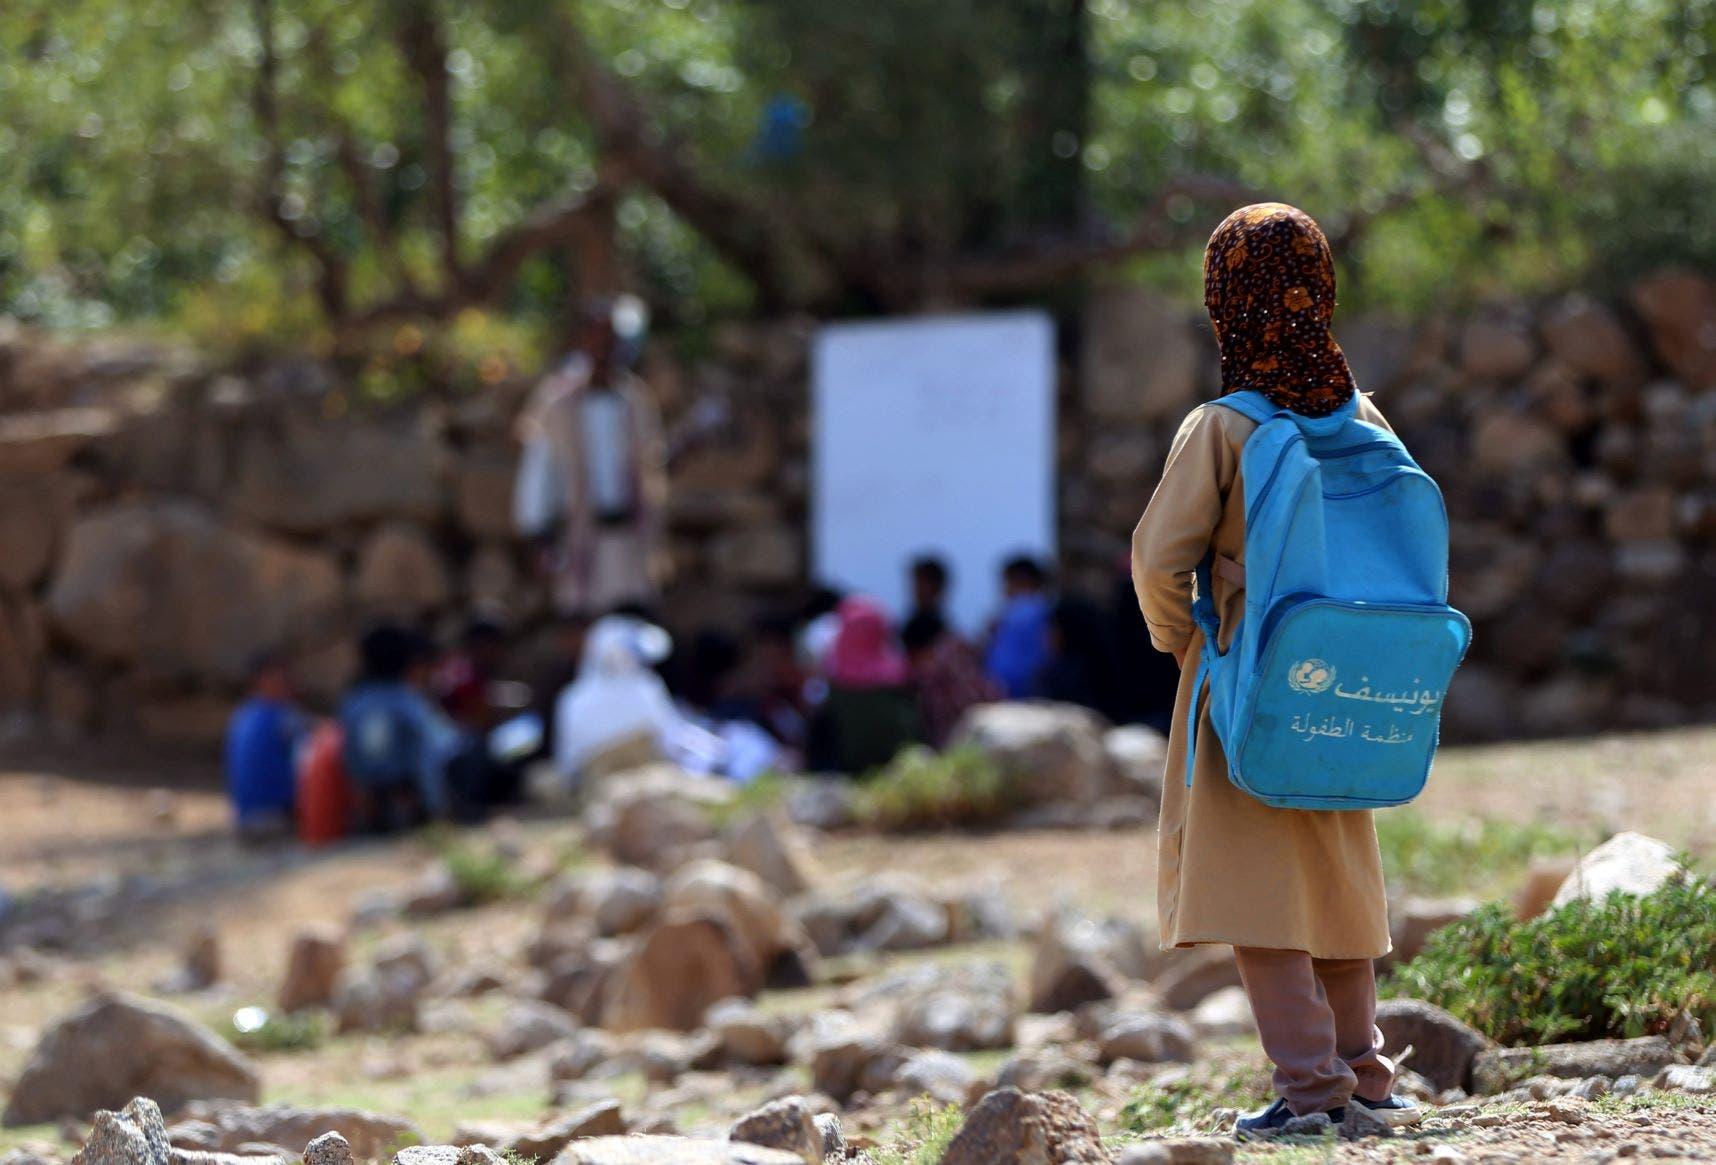 تلاميذ يتلقون تعليمهم في أحد الحقول (فرانس برس)